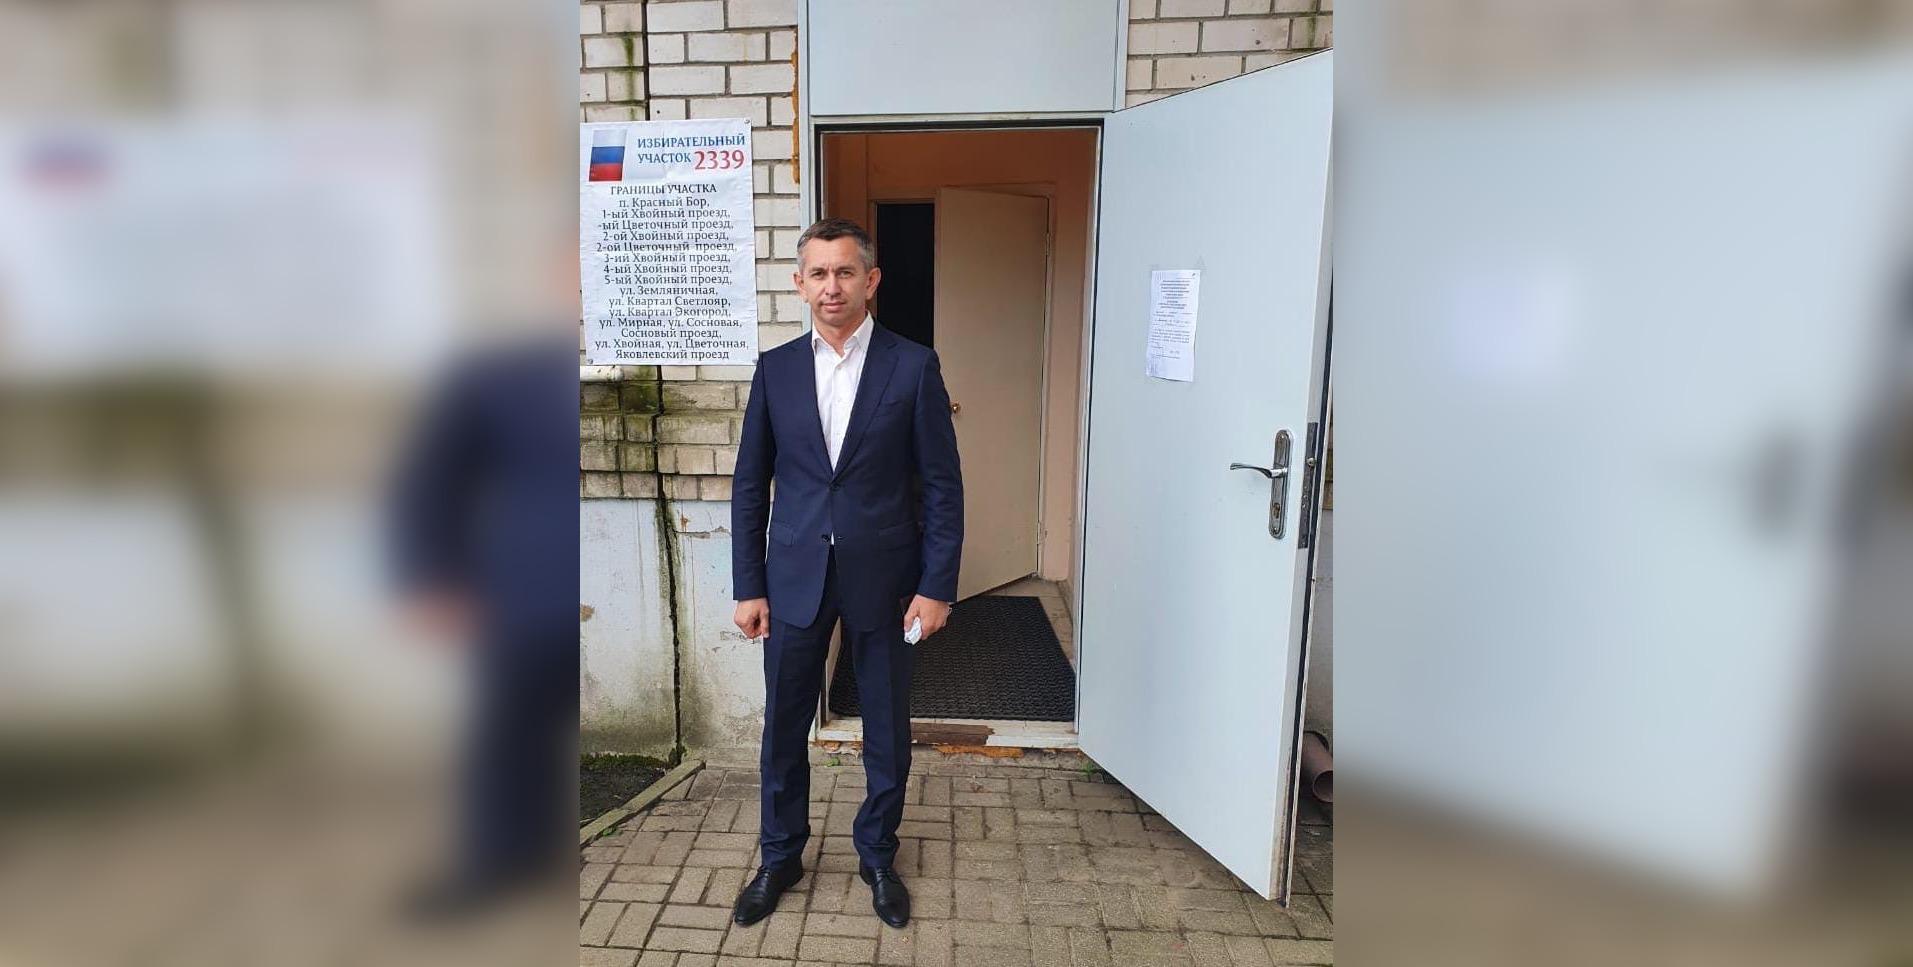 Николай Золотников: «Трехдневное голосование позволит соблюсти все требования Роспотребнадзора»